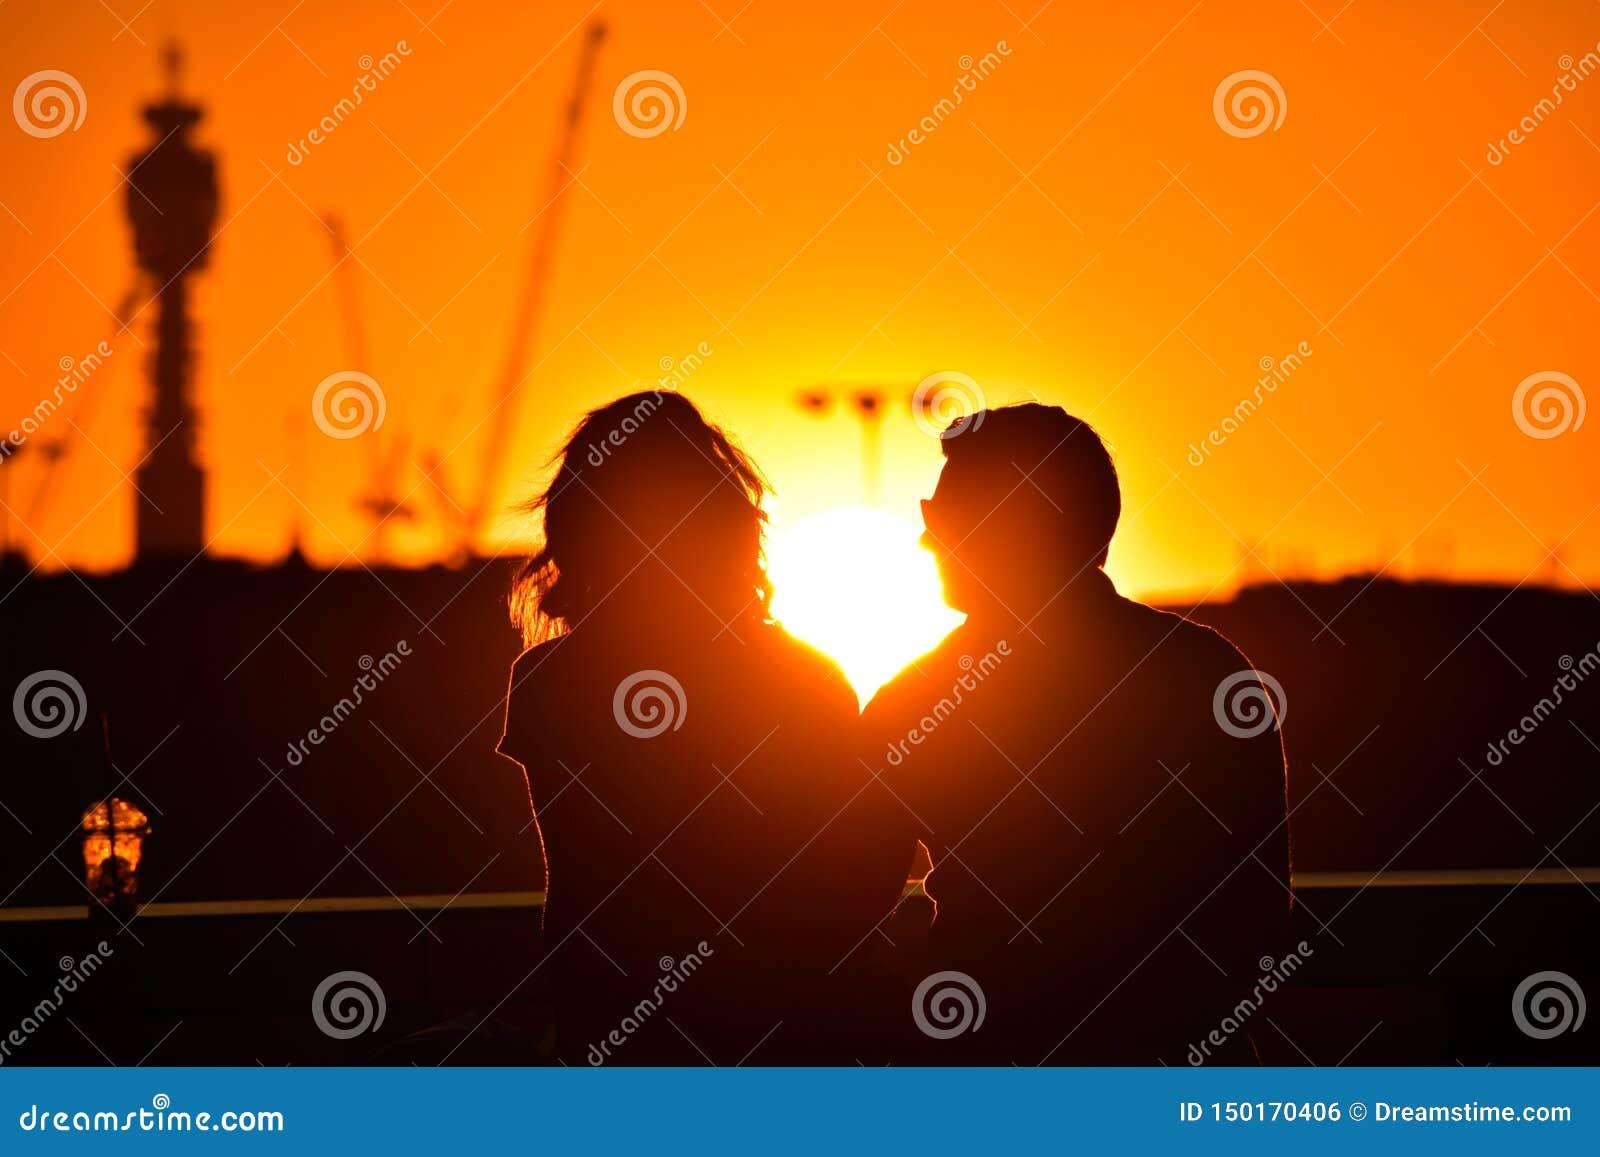 Σκιαγραφία της αγάπης του ζεύγους που προσέχει το όμορφο φωτεινό ρομαντικό ηλιοβασίλεμα